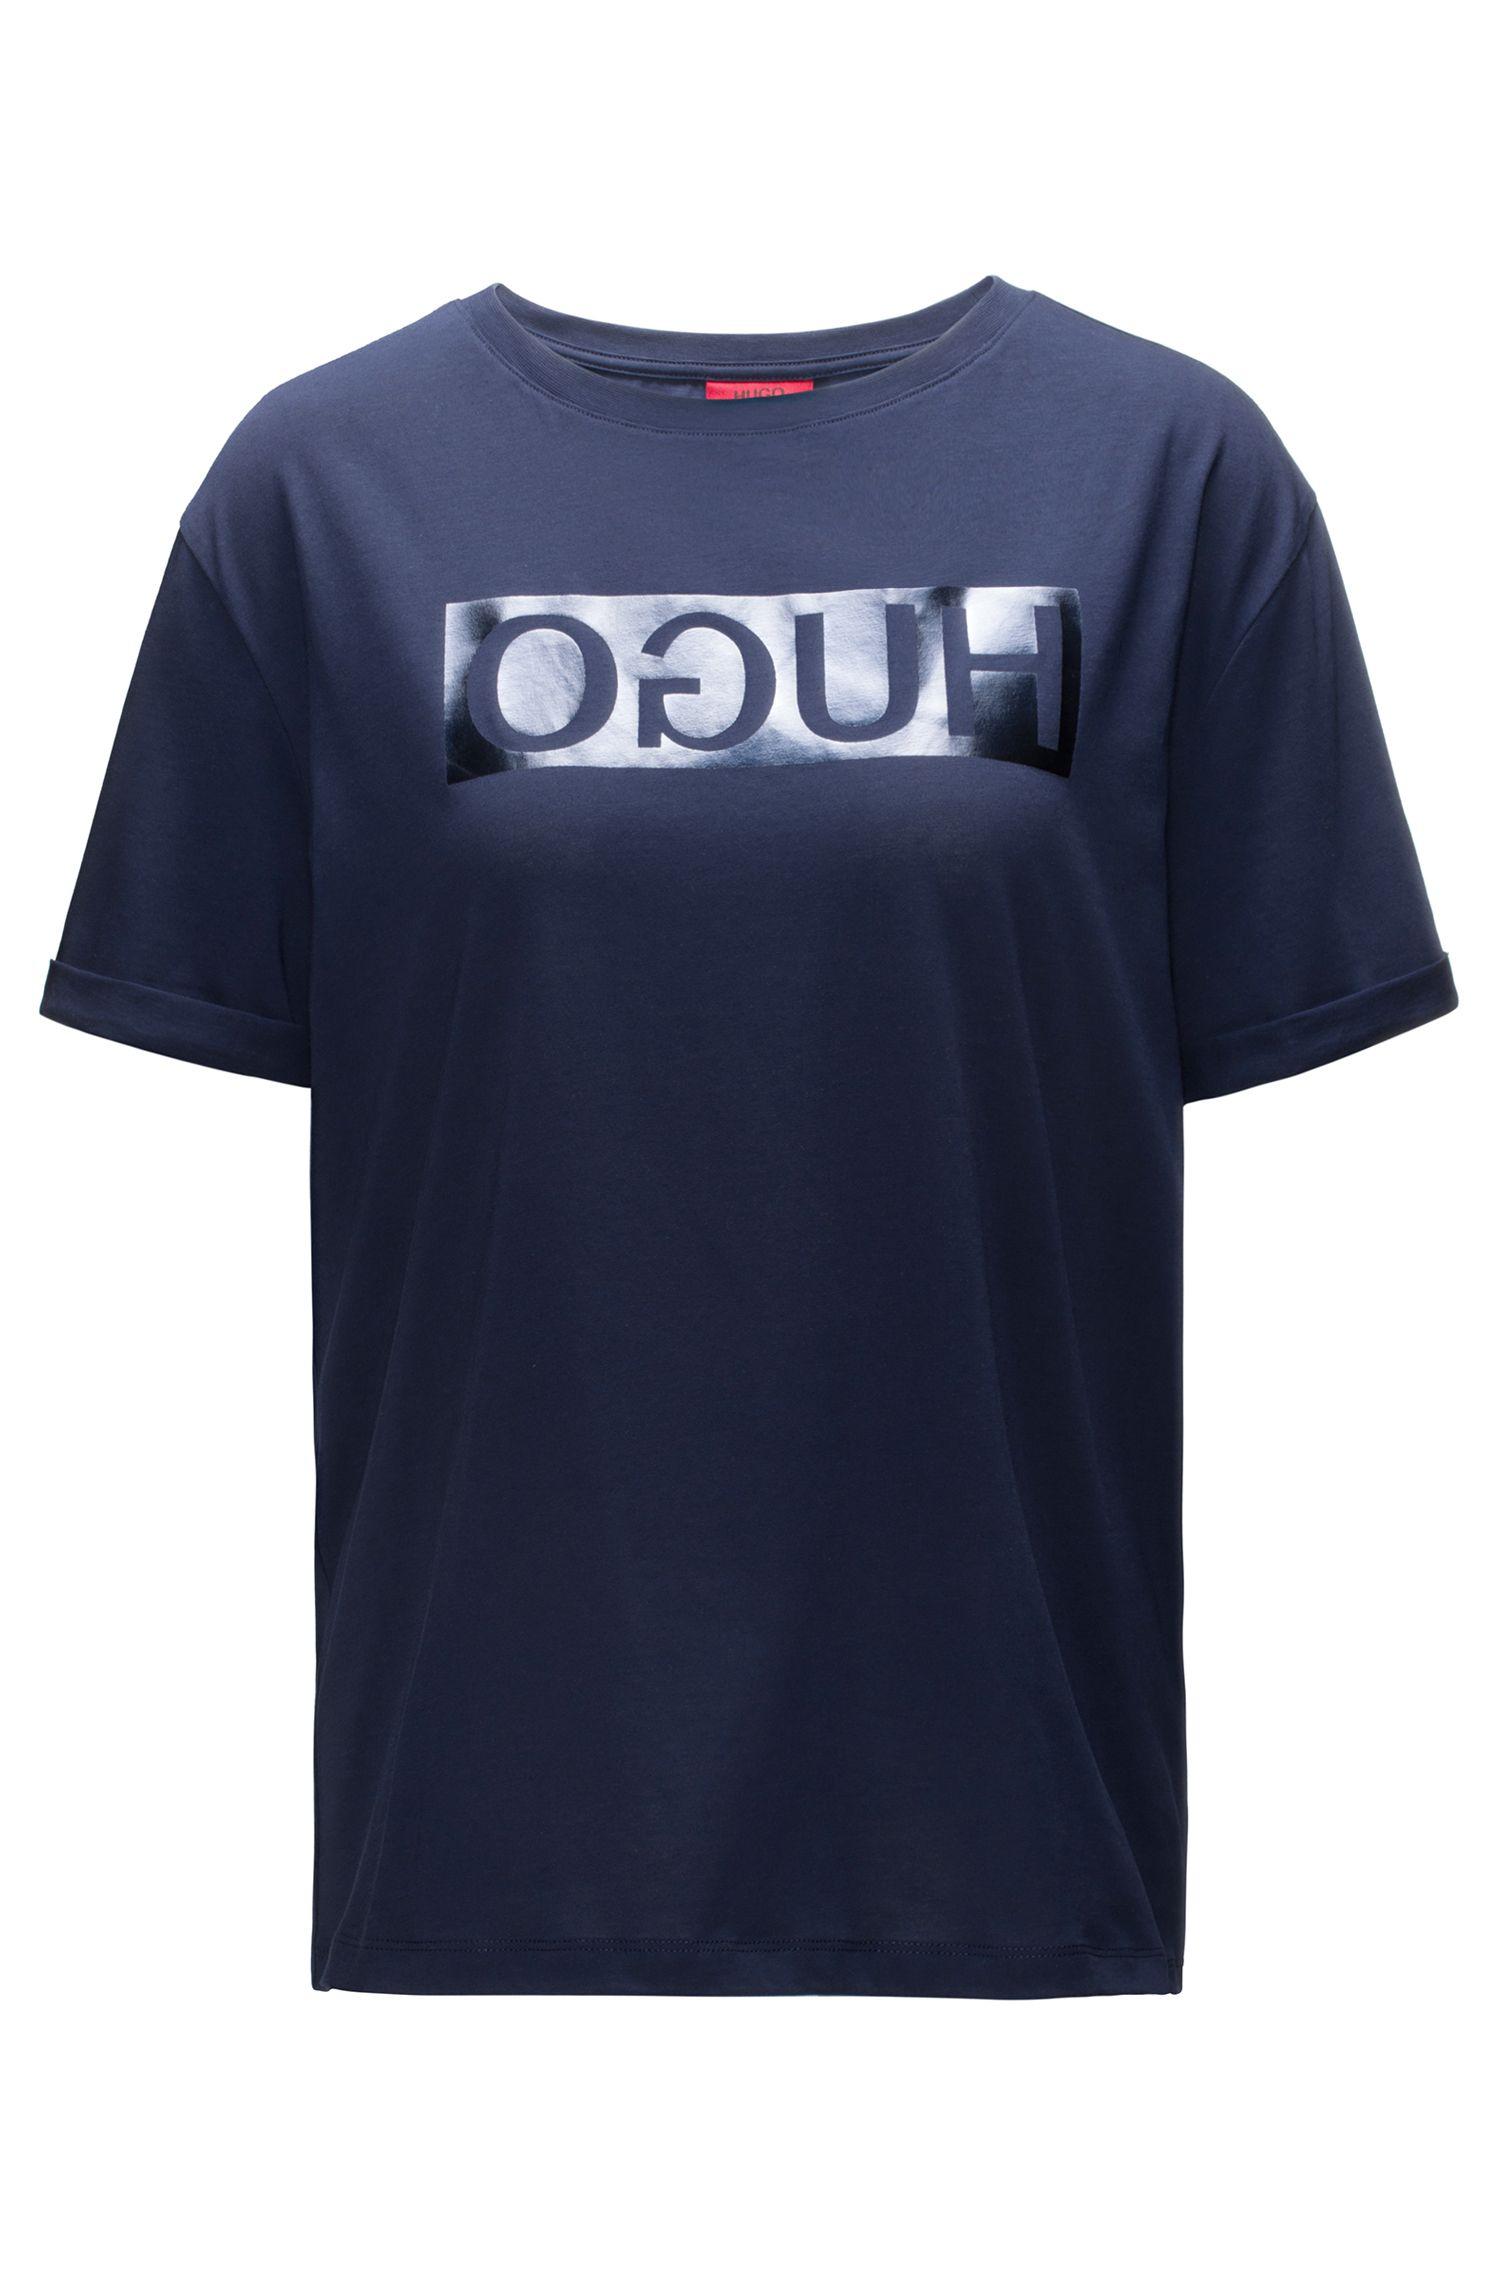 Relaxed-Fit T-Shirt aus Baumwoll-Jersey mit spiegelverkehrtem Logo